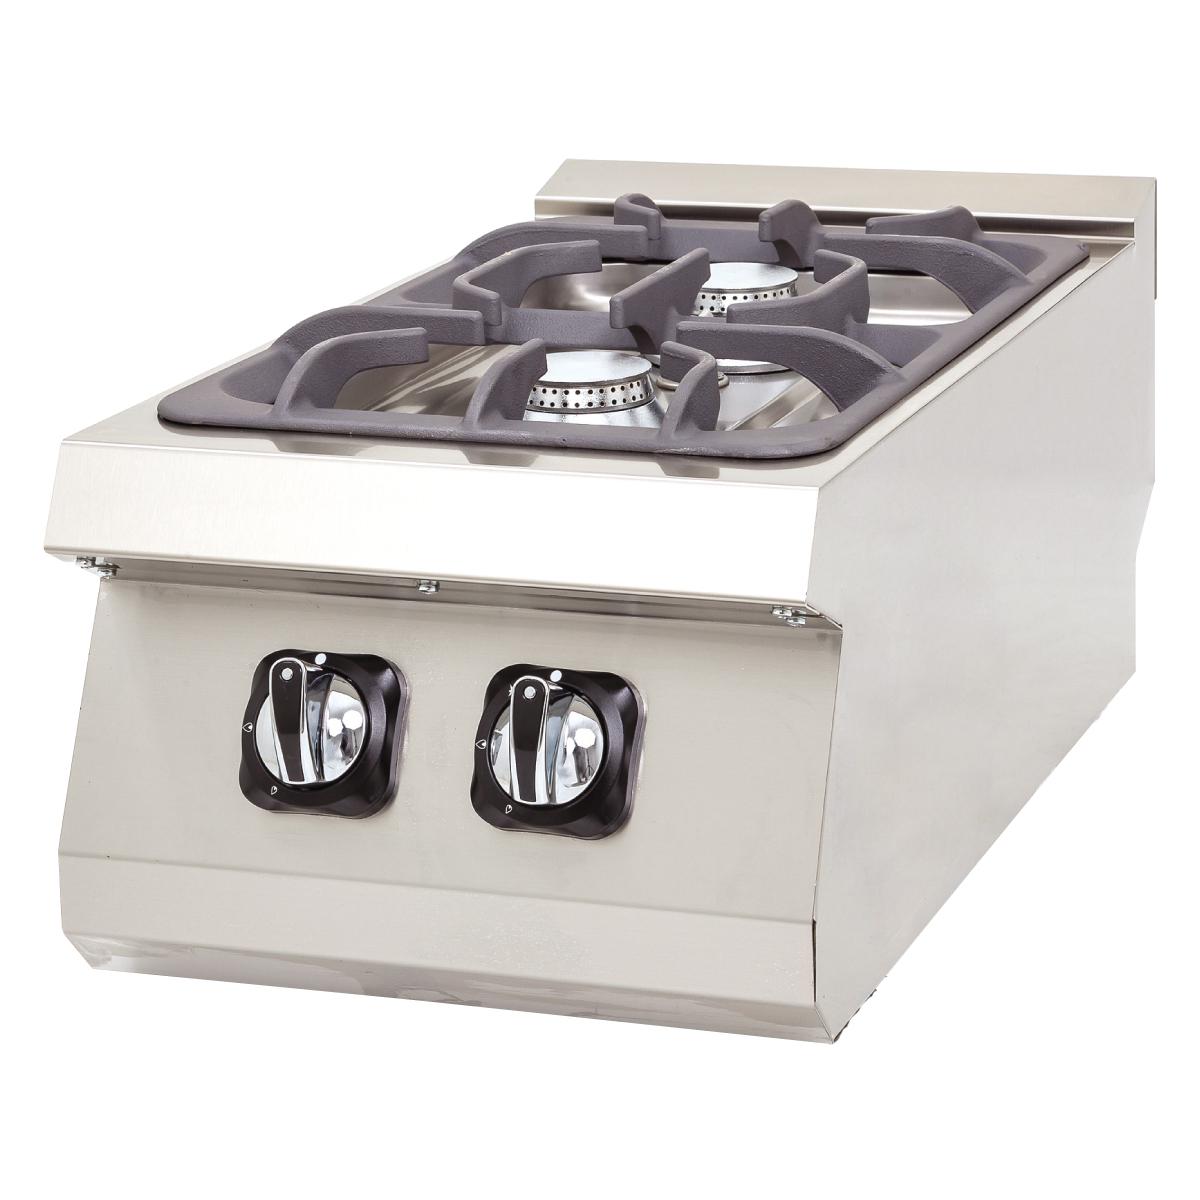 Gas Cooker - 40x70